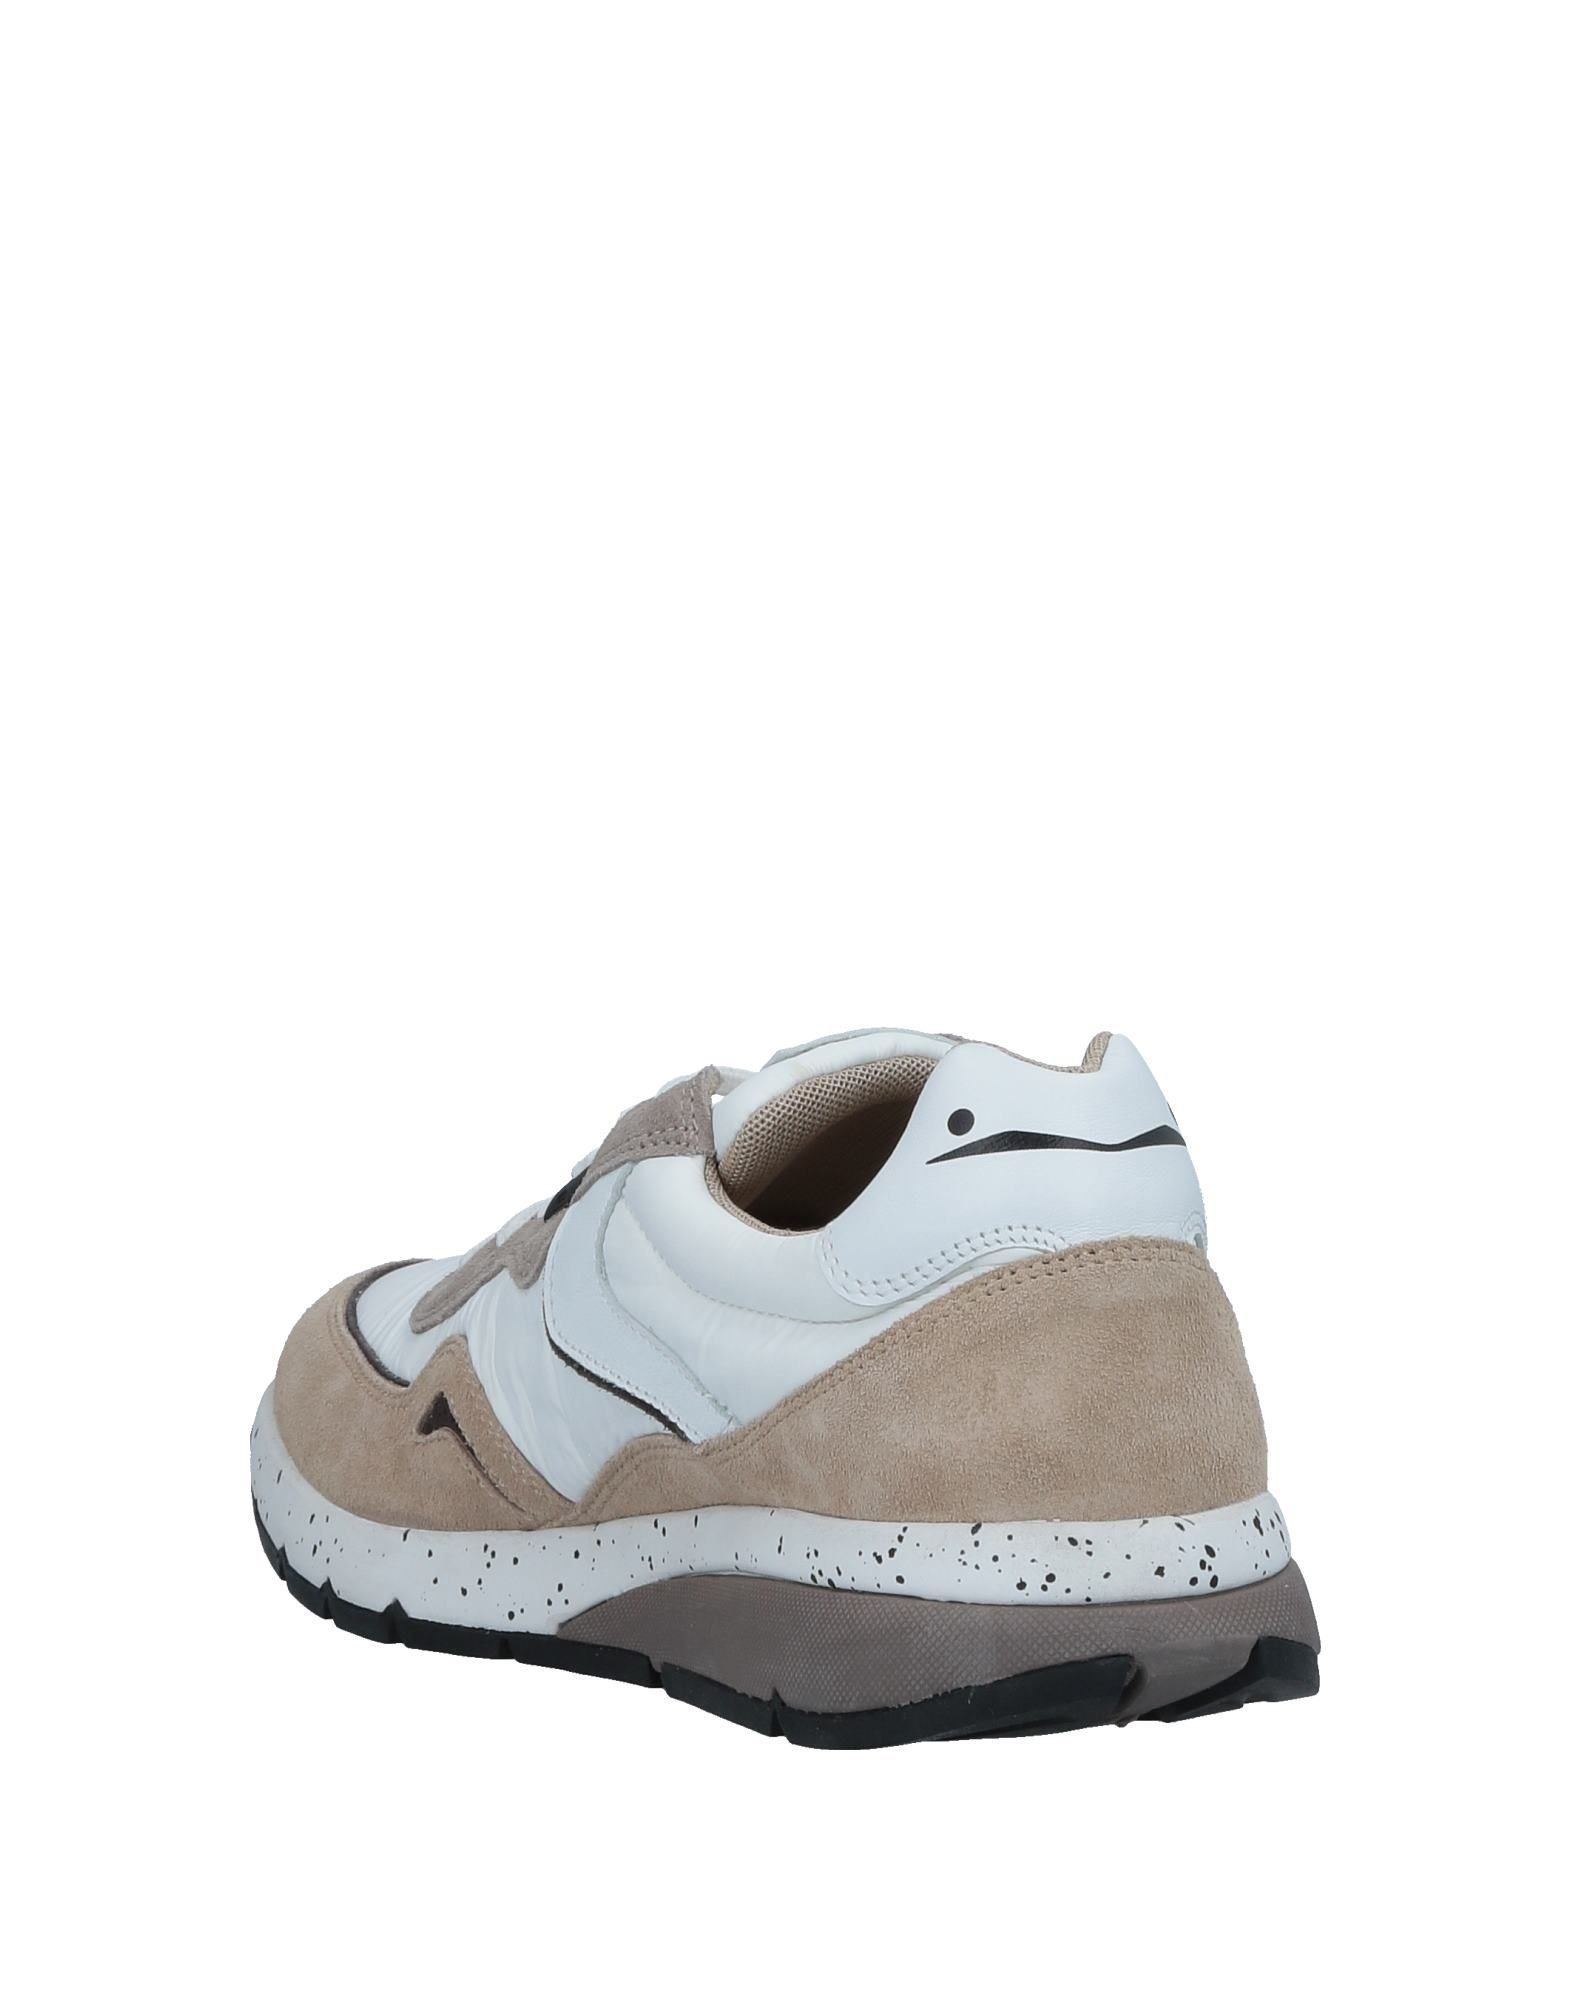 Voile Blanche Sneakers Herren Herren Sneakers  11534904EL 2109f5